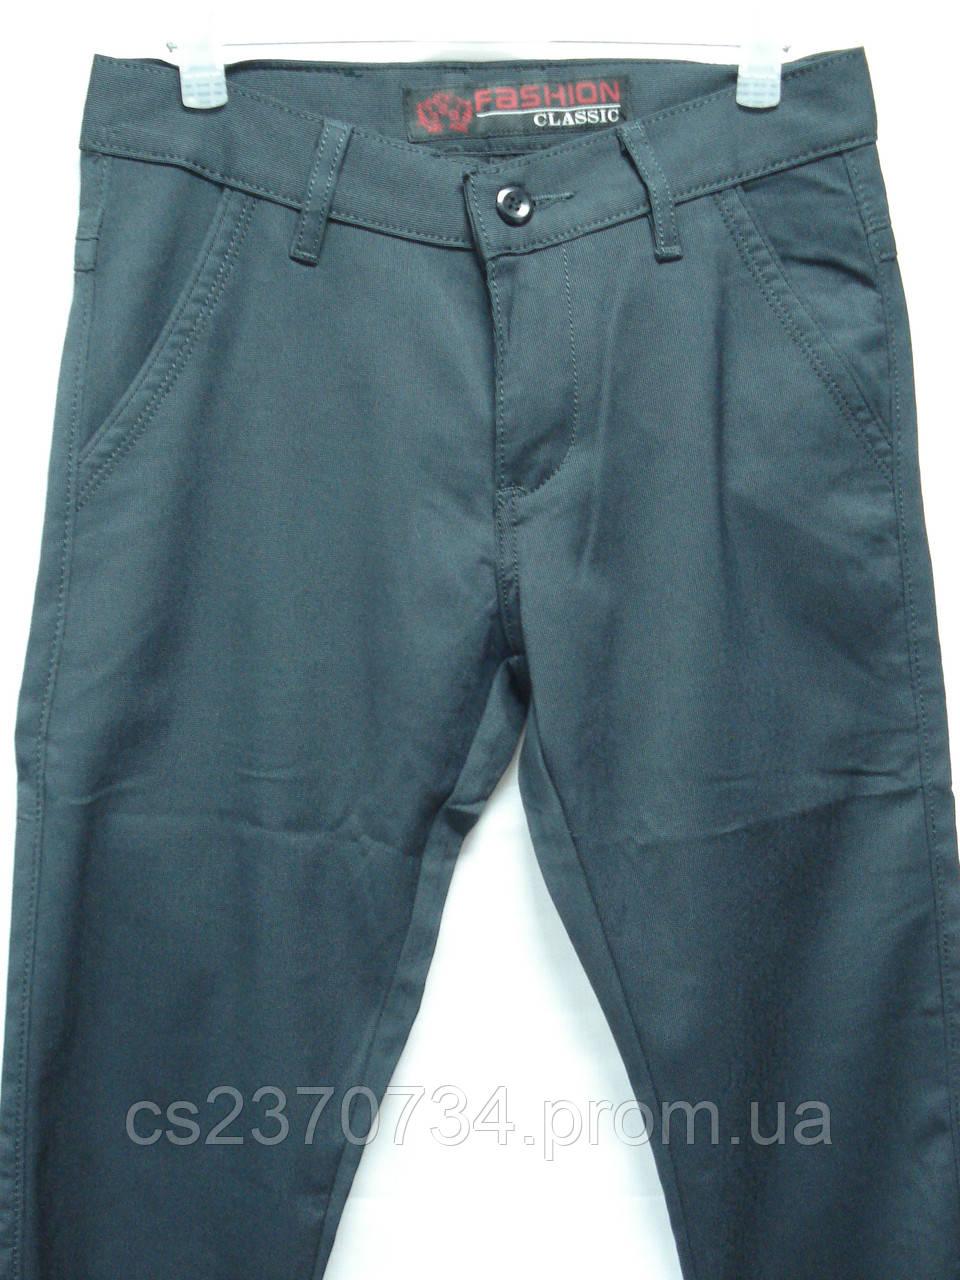 Джинсы-брюки мужские  Basanjiu  9493 черные (разм.30,))